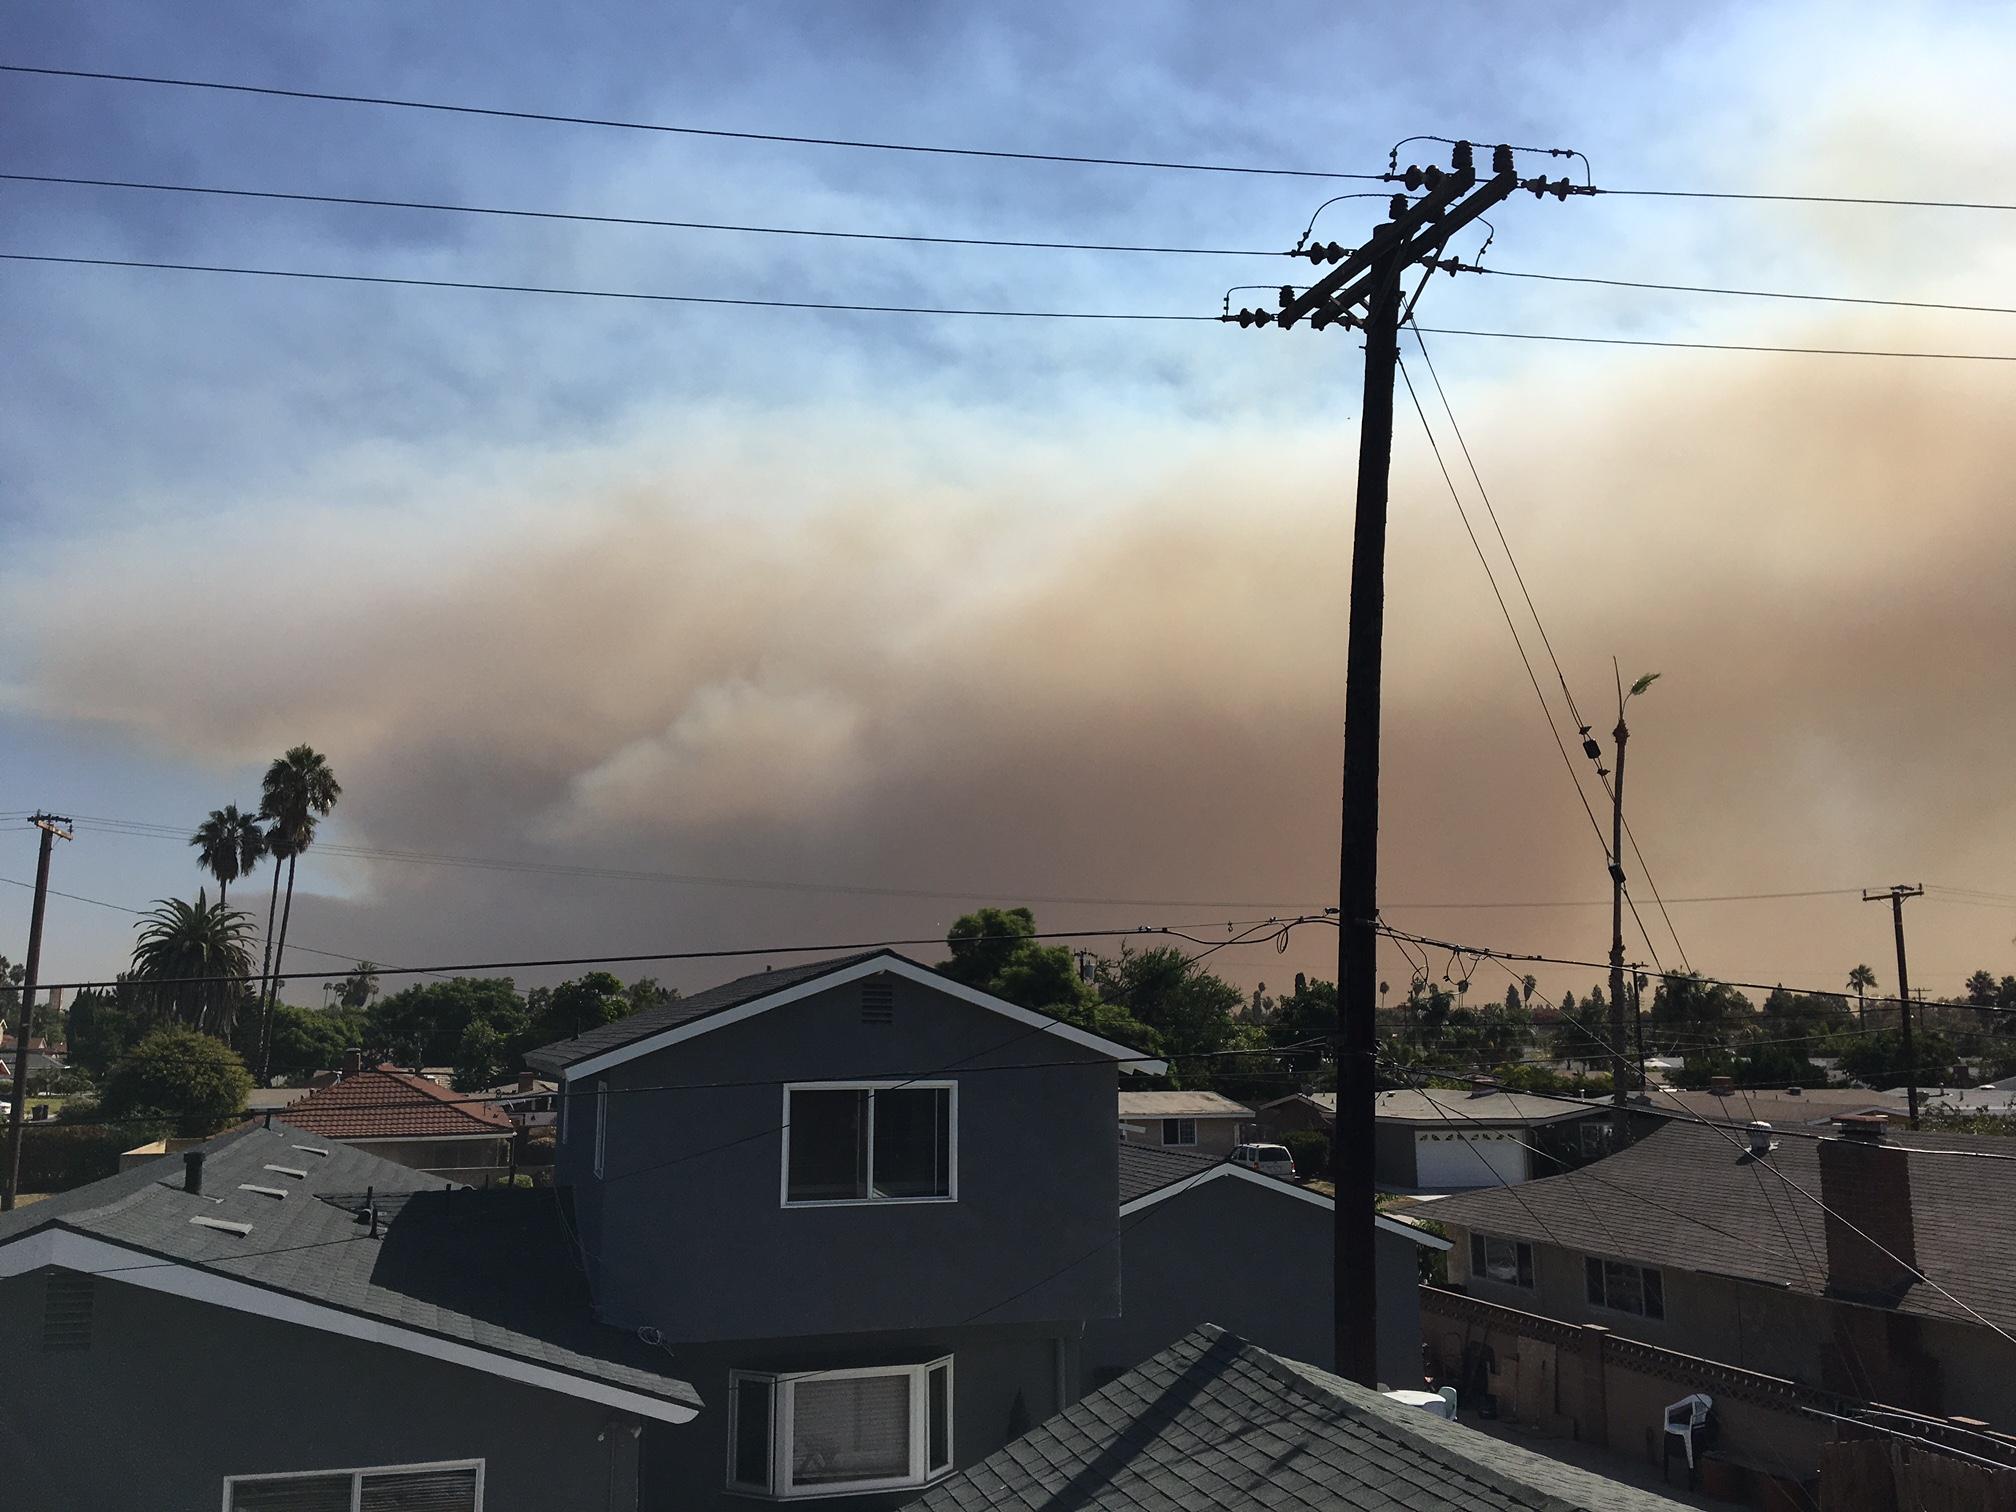 Cháy rừng ở Anaheim Hills Quận Cam – nhiều khu dân cư phải di tản khẩn cấp